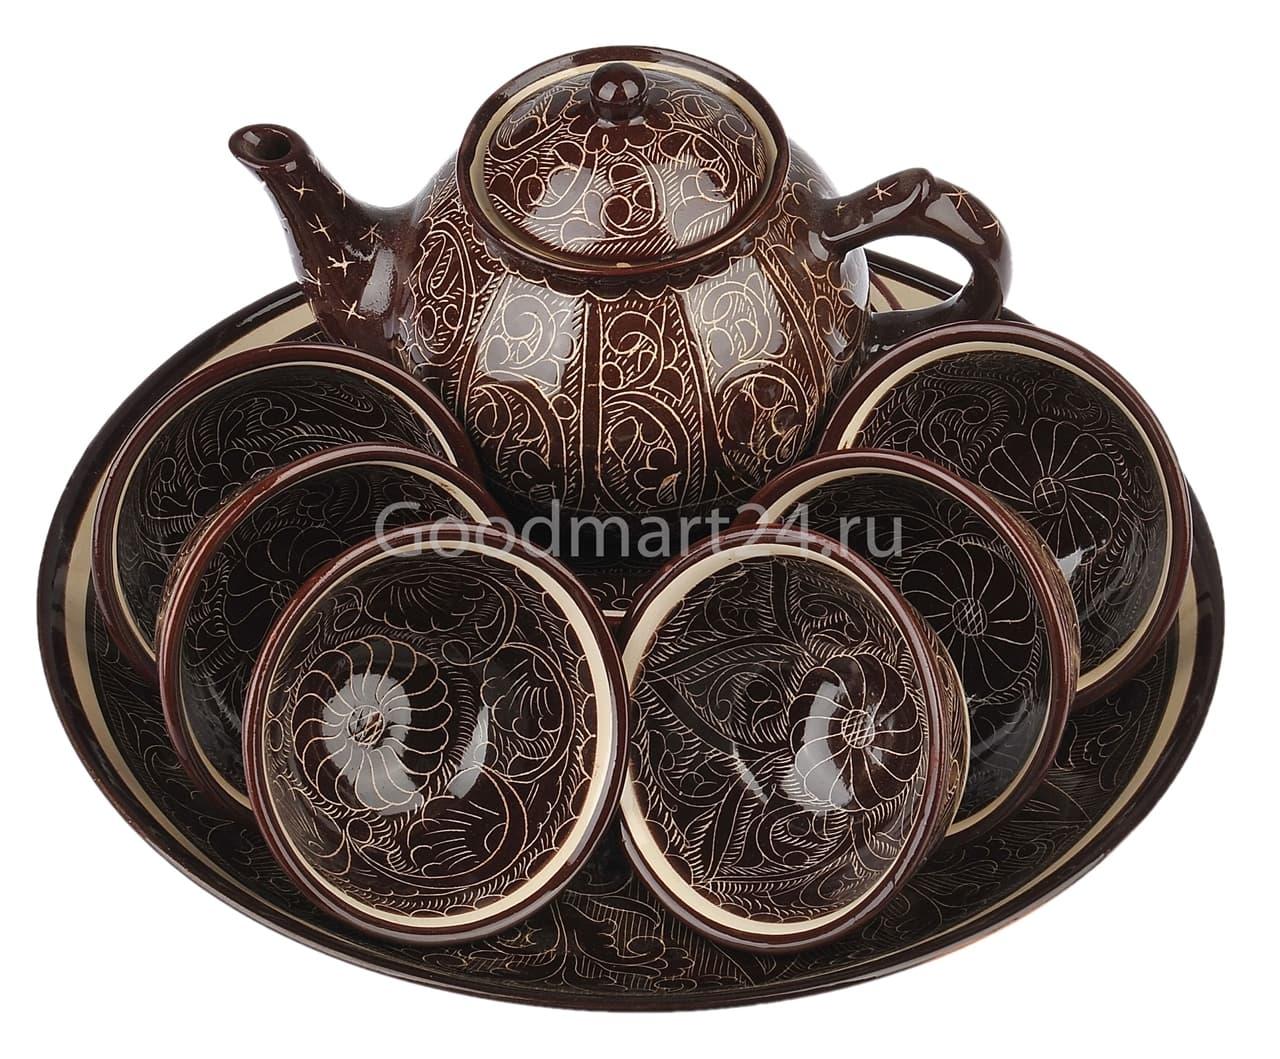 Набор чайный Риштанская Керамика, 9 предметов, коричневый - фото 7565